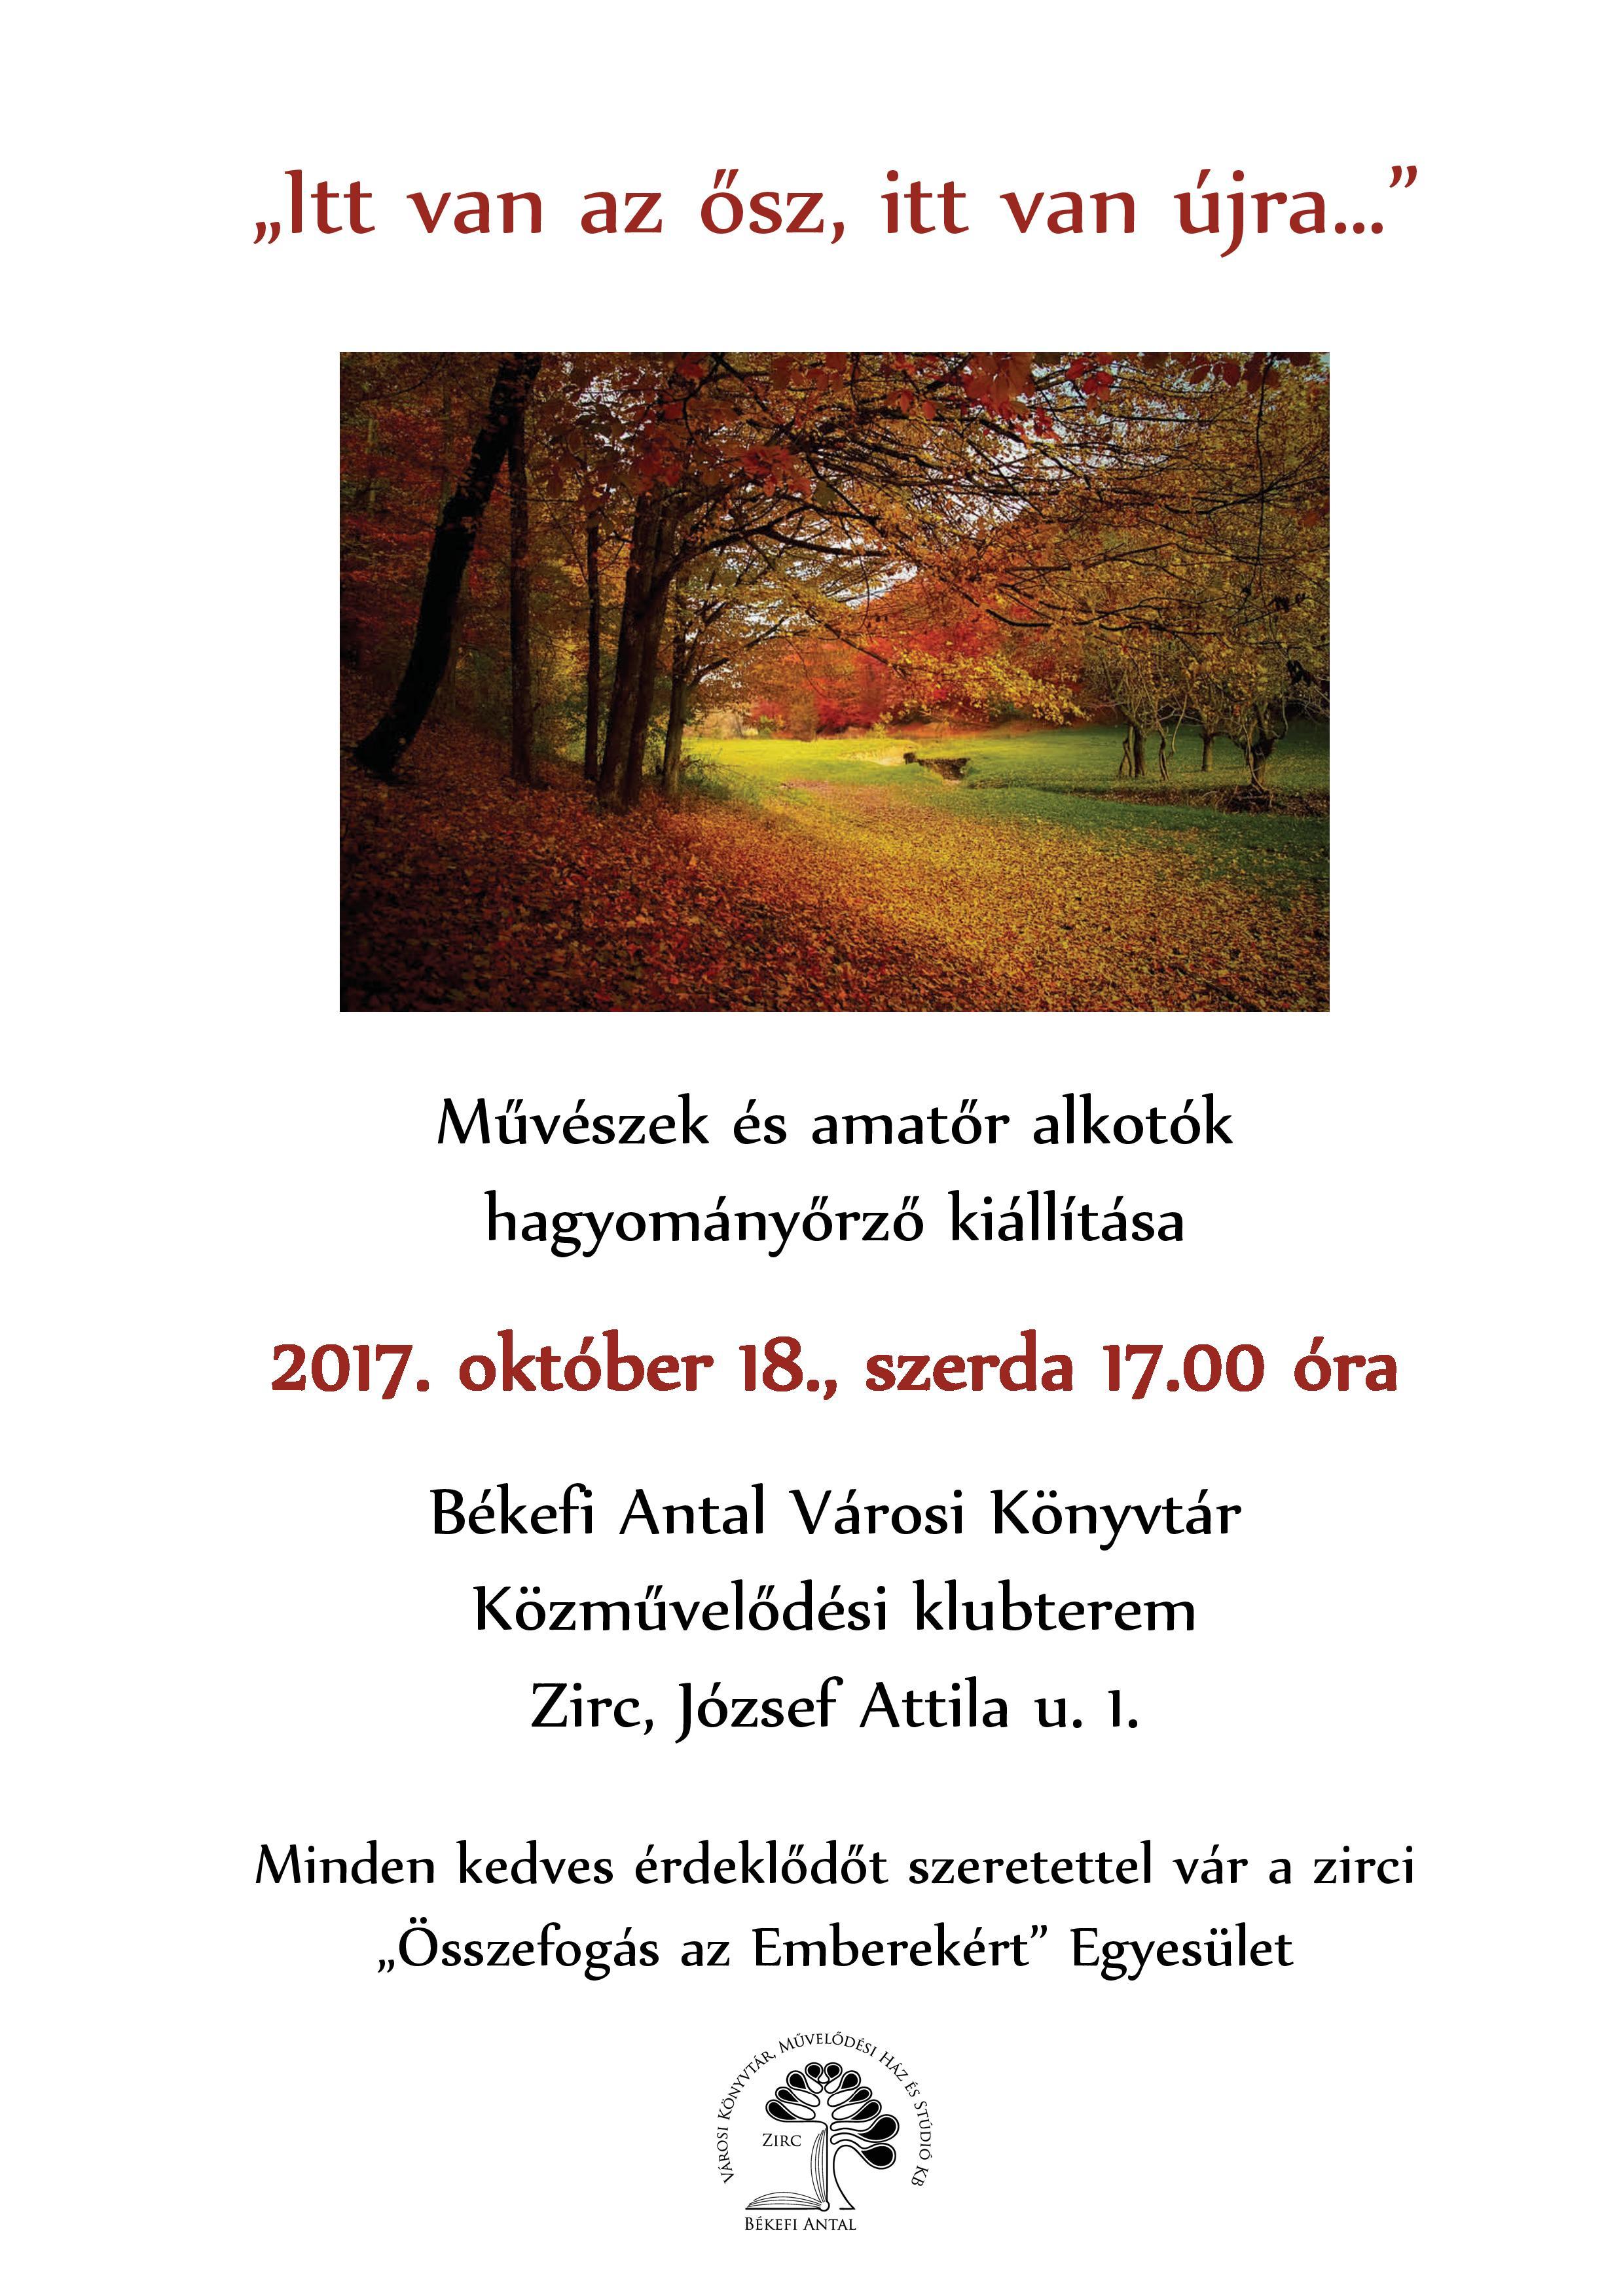 2017-10-18_itt_van_az_osz.jpg